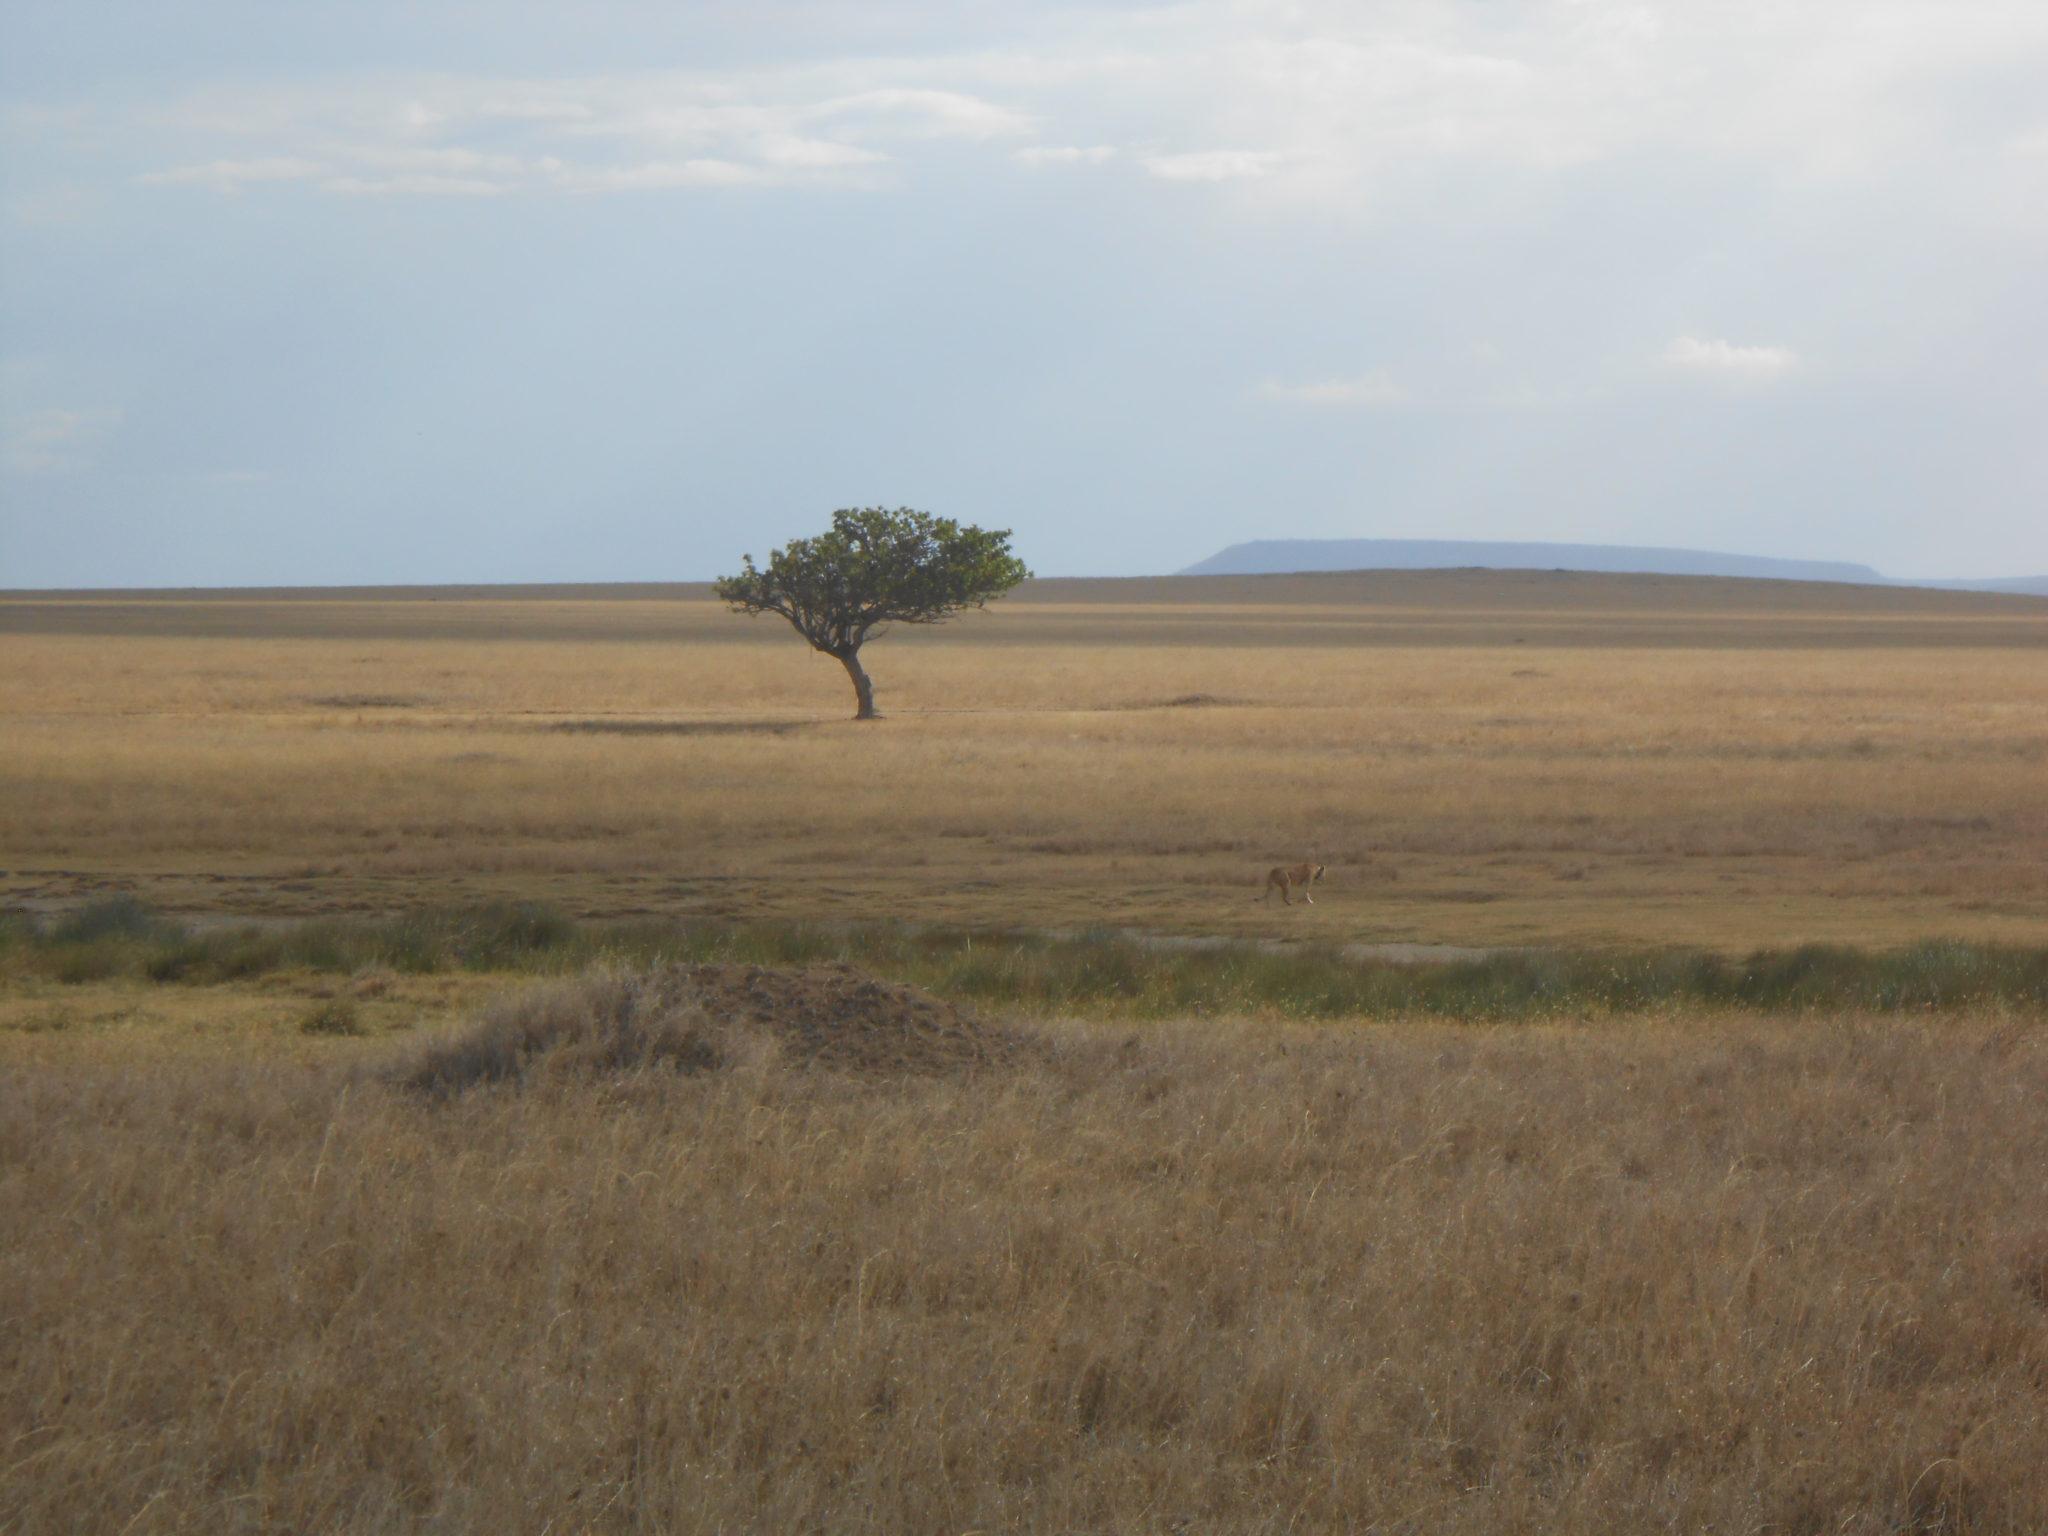 Een eenzame leeuw wandelt door de immense graslanden van de Serengeti